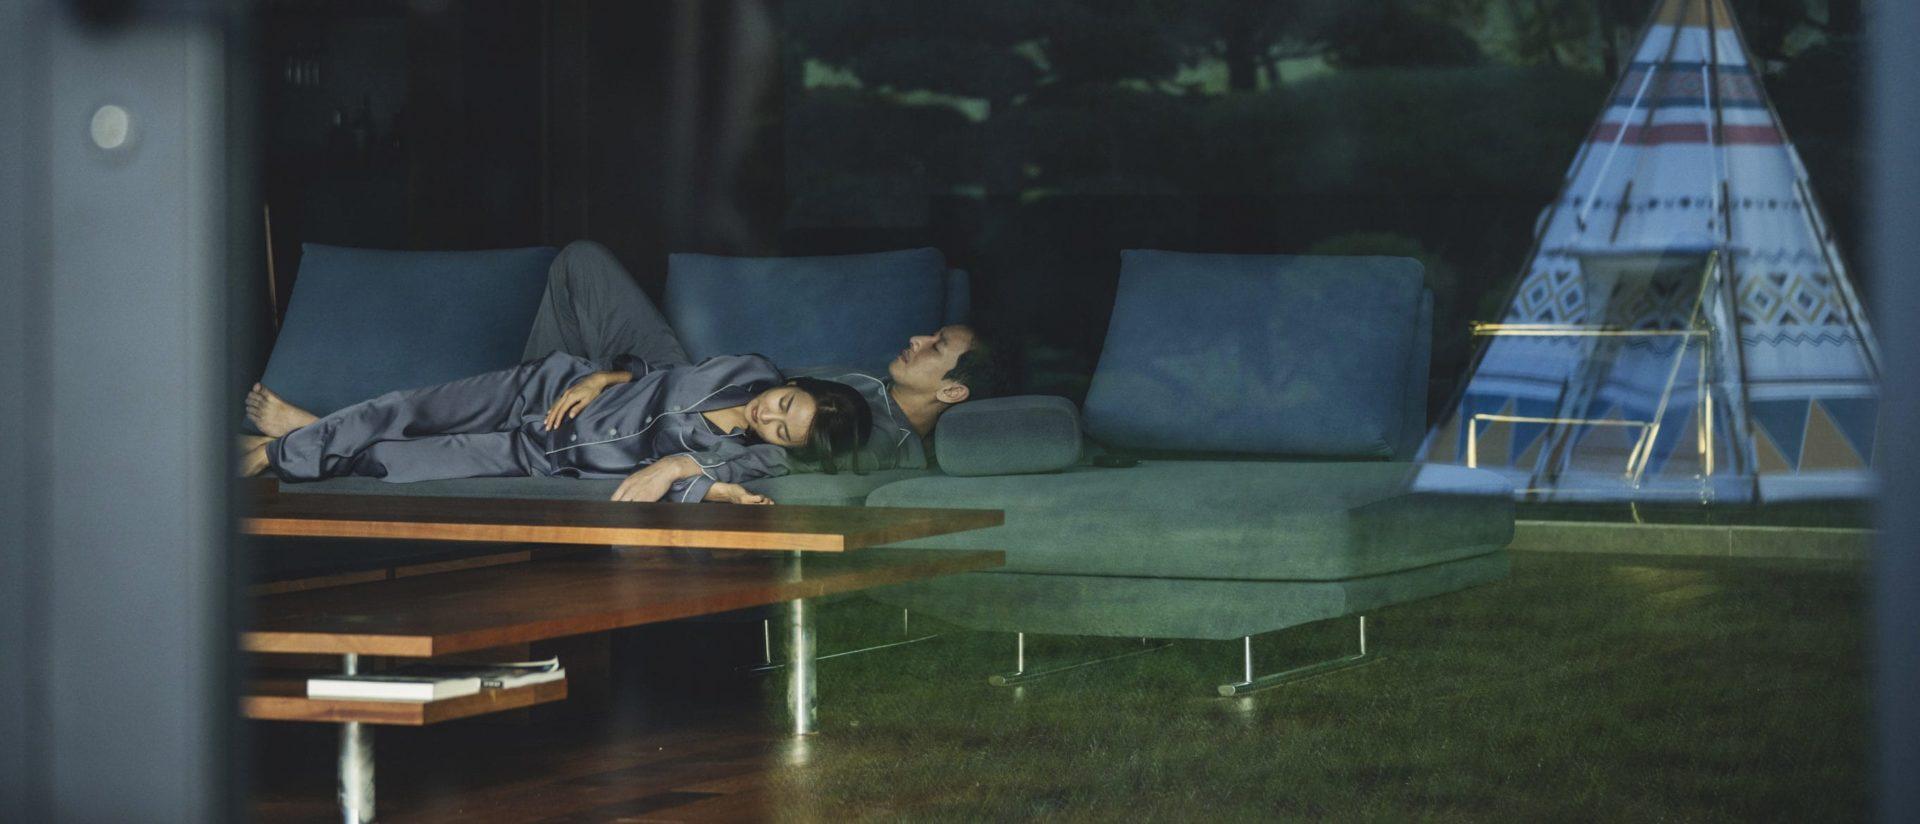 Le salon et la tente de Parasite de Bong Joon-ho